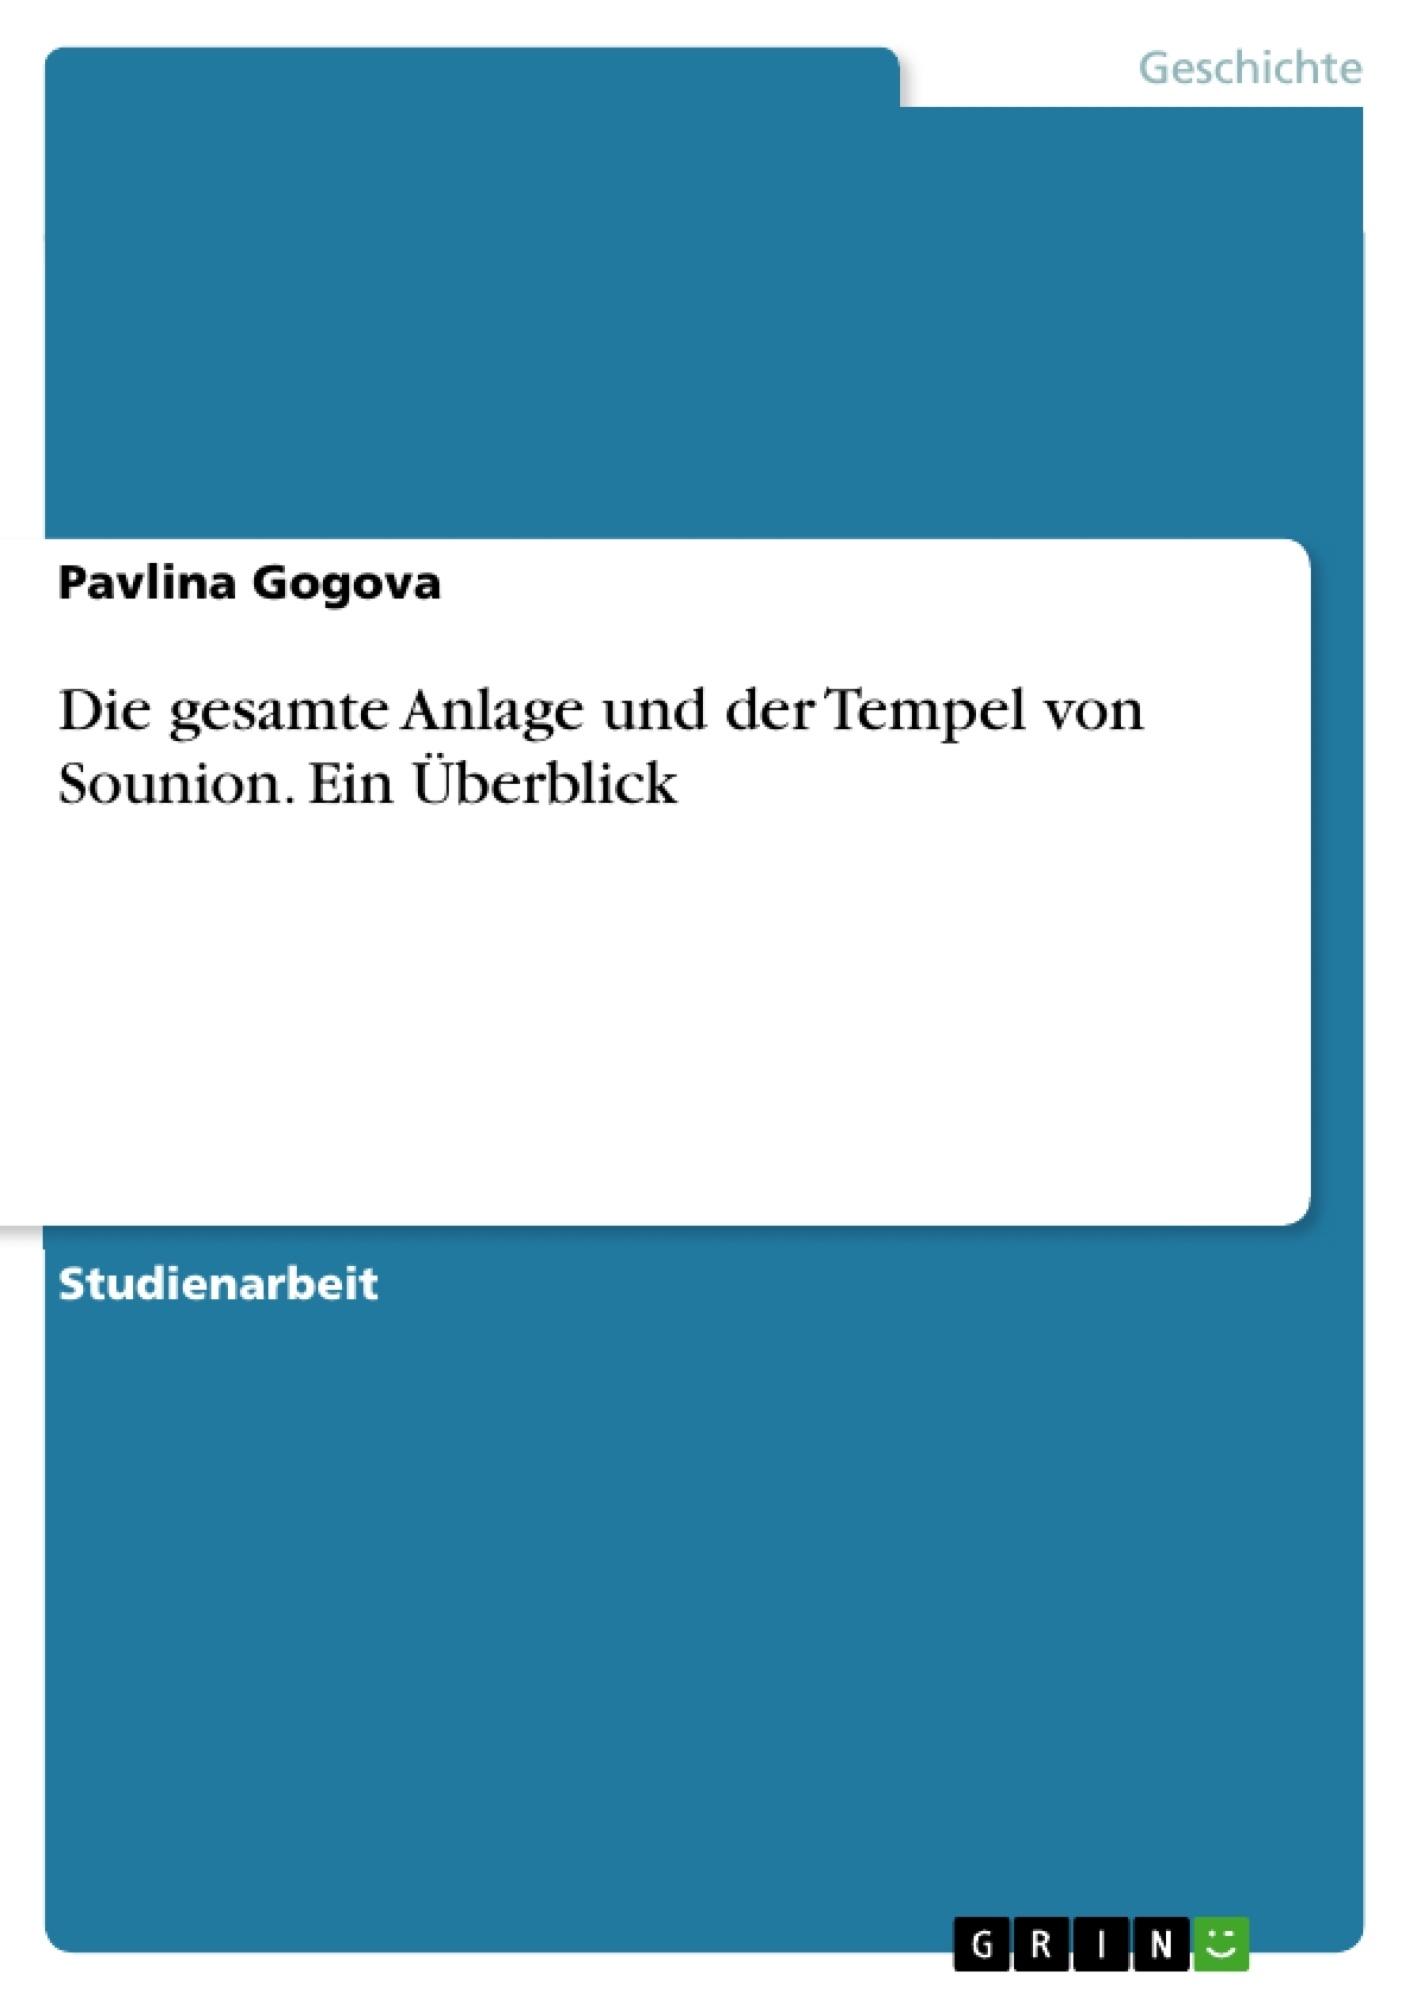 Titel: Die gesamte Anlage und der Tempel von Sounion. Ein Überblick